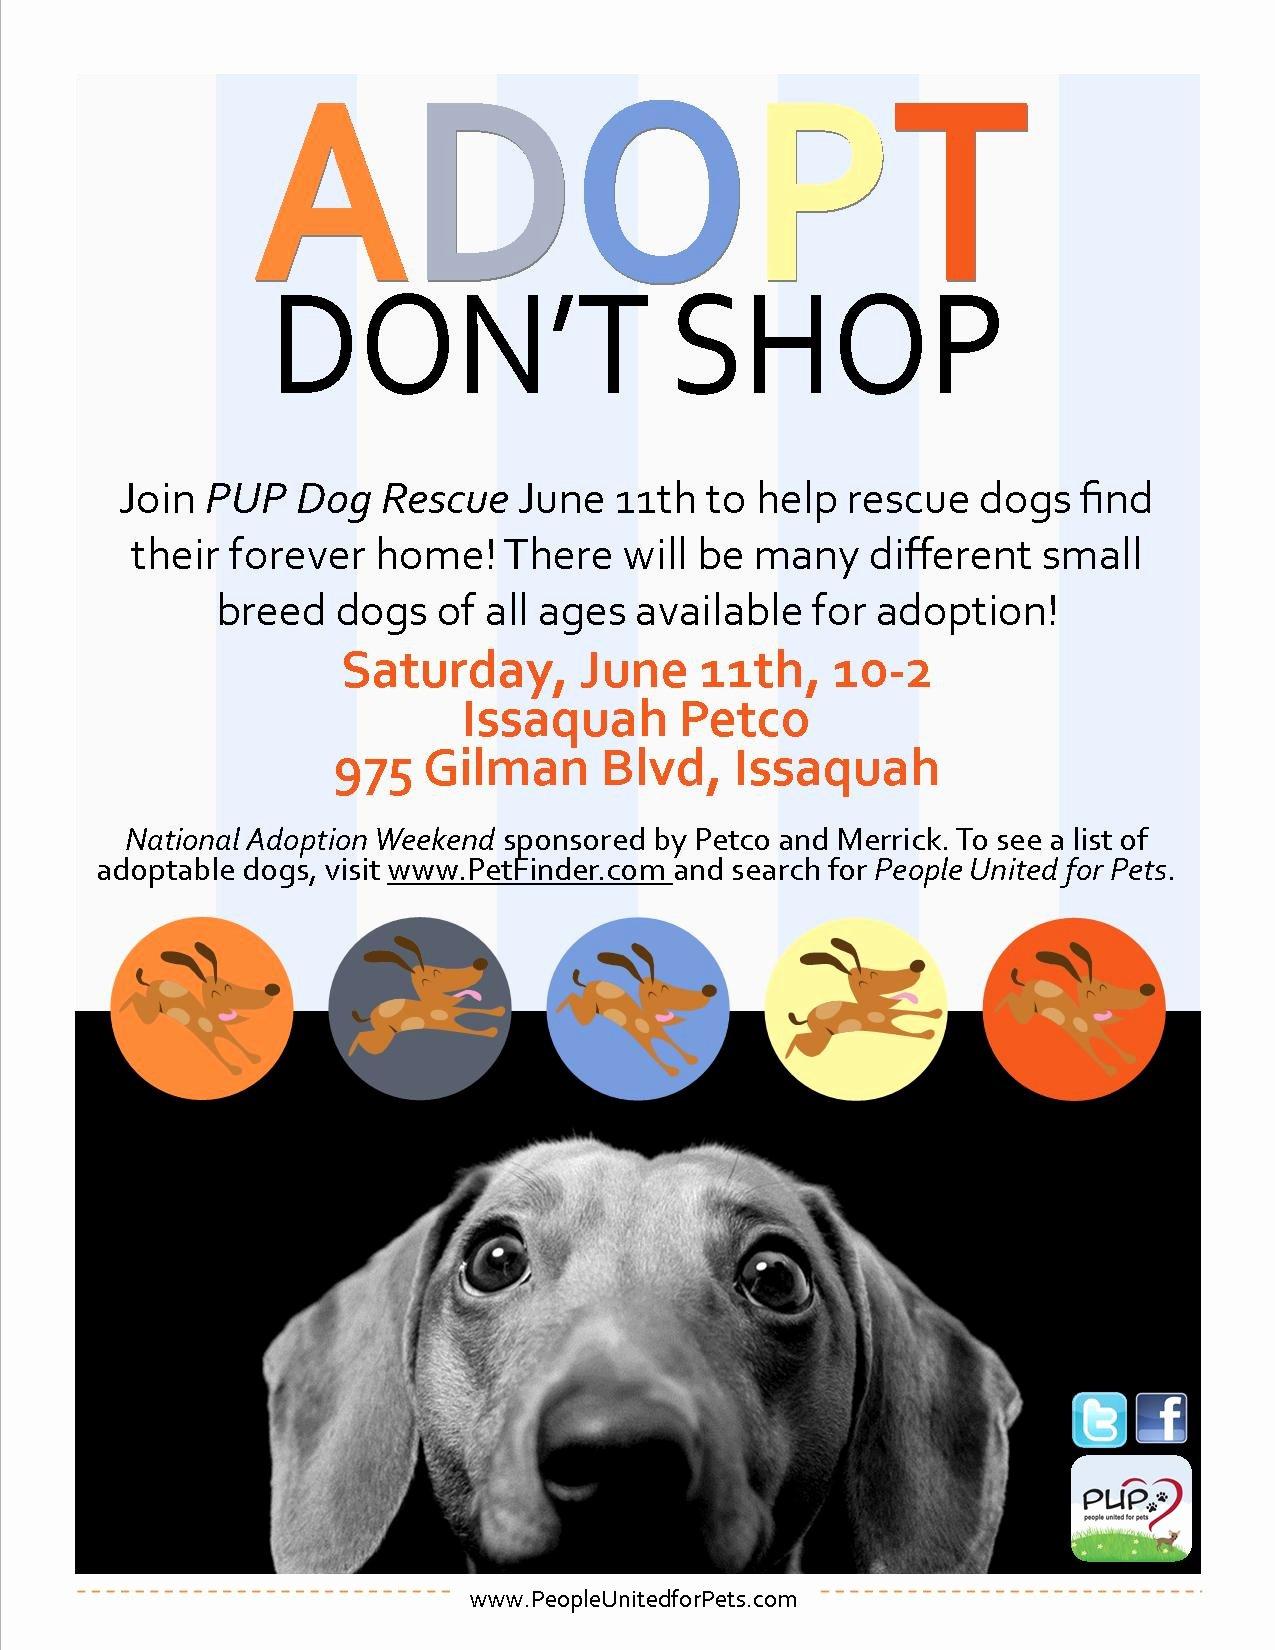 Pet Adoption Flyer Template Elegant Pup Dog Rescue Flyers – Portfolio Michelle Fears